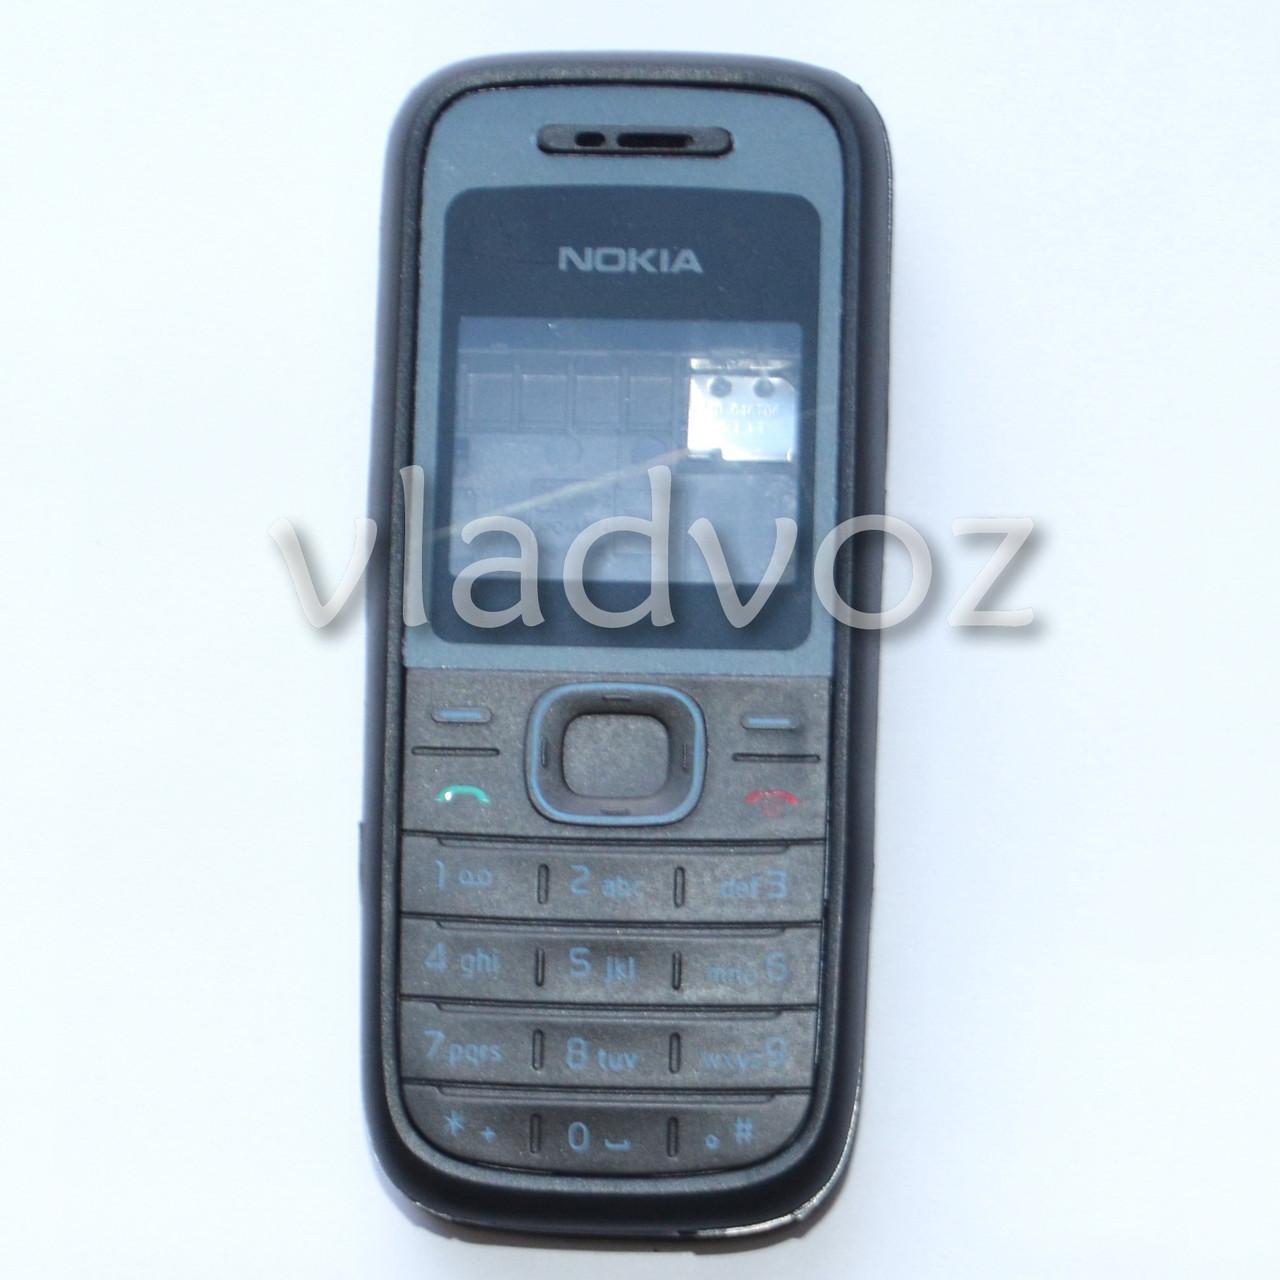 корпус для Nokia 1208 черного цвета с английской клавиатурой